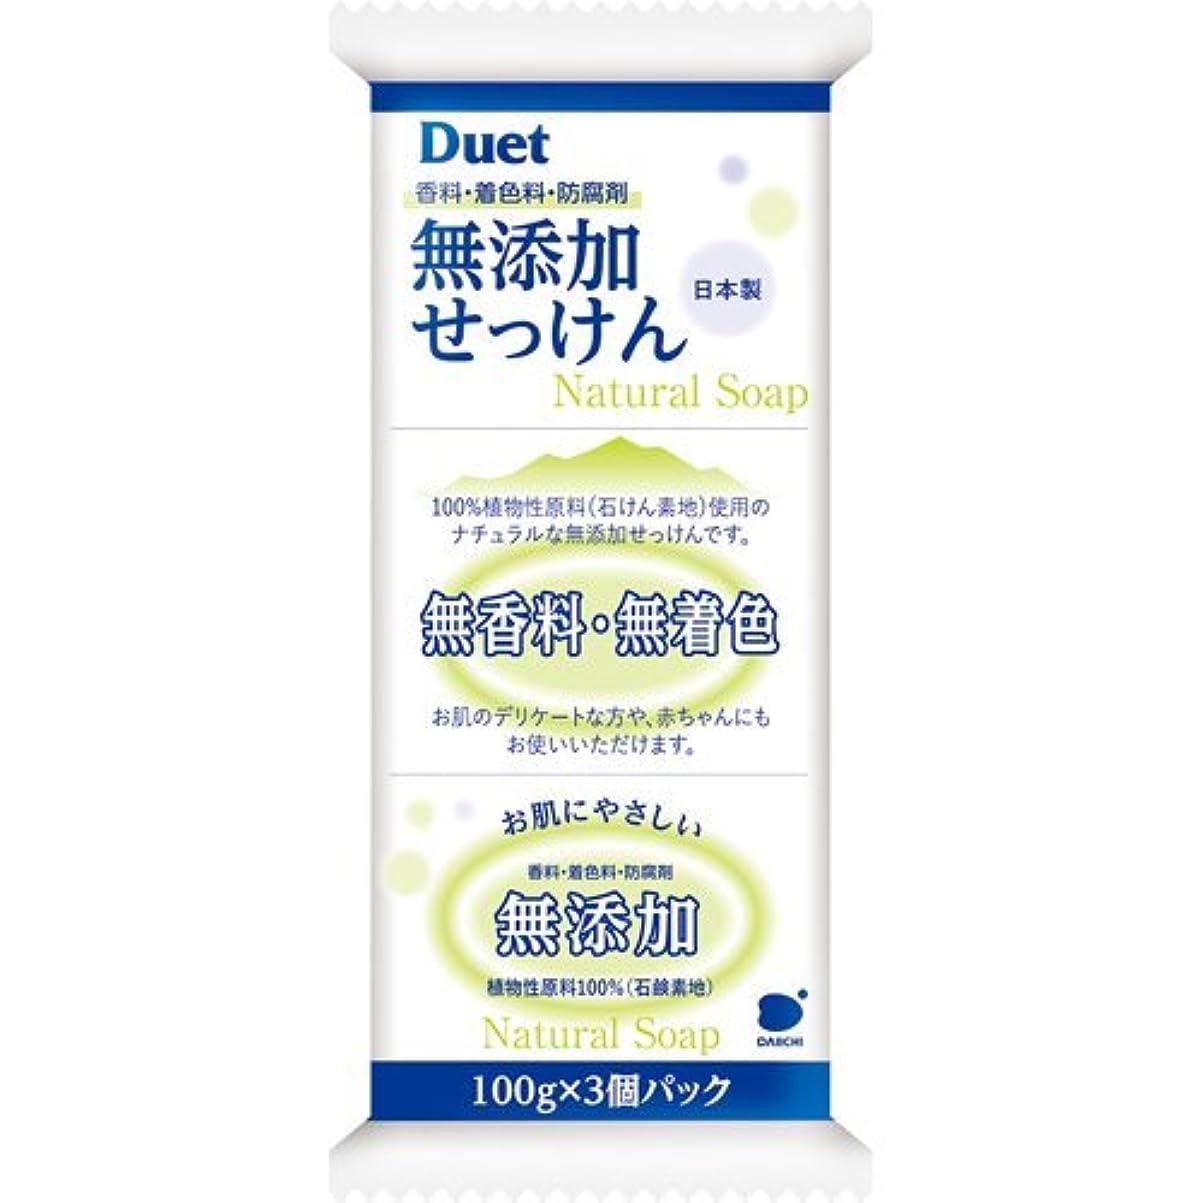 アロング混沌運営デュエット無添加石鹸 バスサイズ 100g×3個 【まとめ買い360個セット】